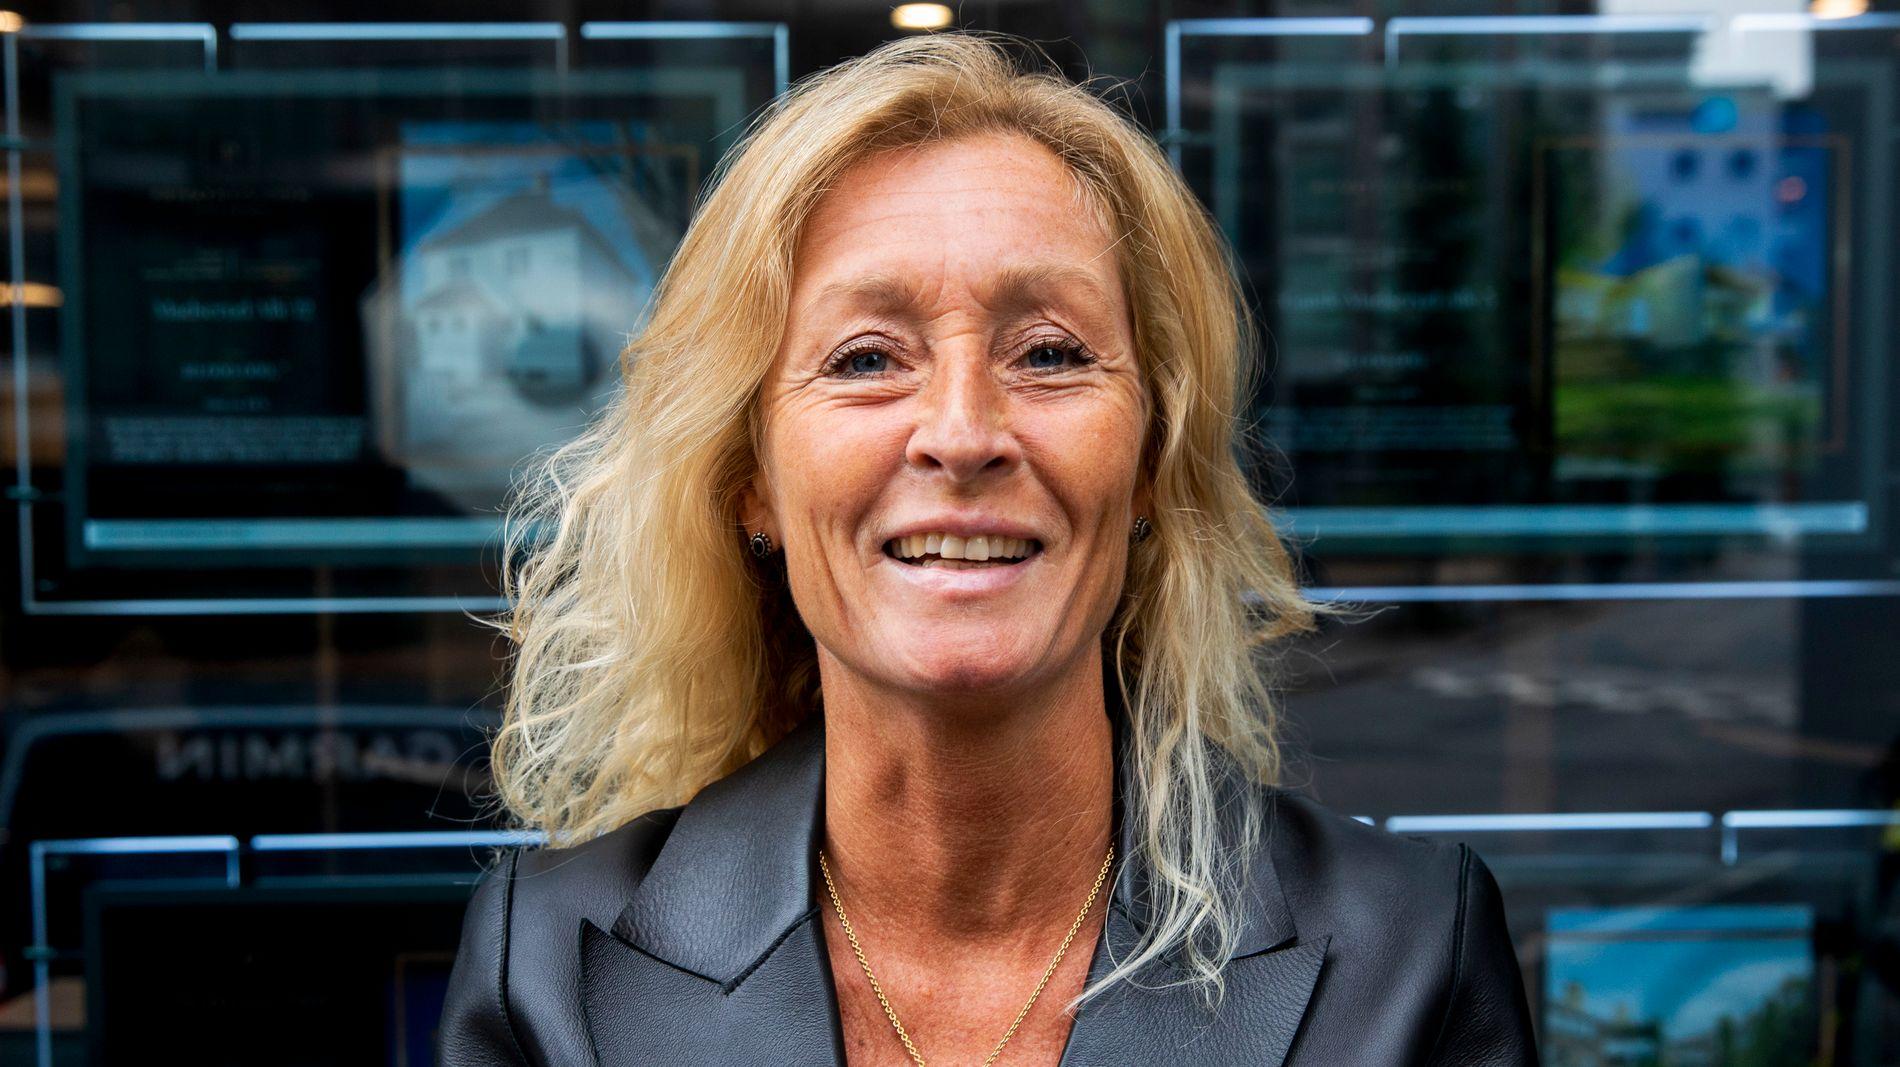 TROR BOLIGMARKEDET TAKLER FLERE HEVINGER: Privatmegleren-direktør Grethe Wittenberg Meier.